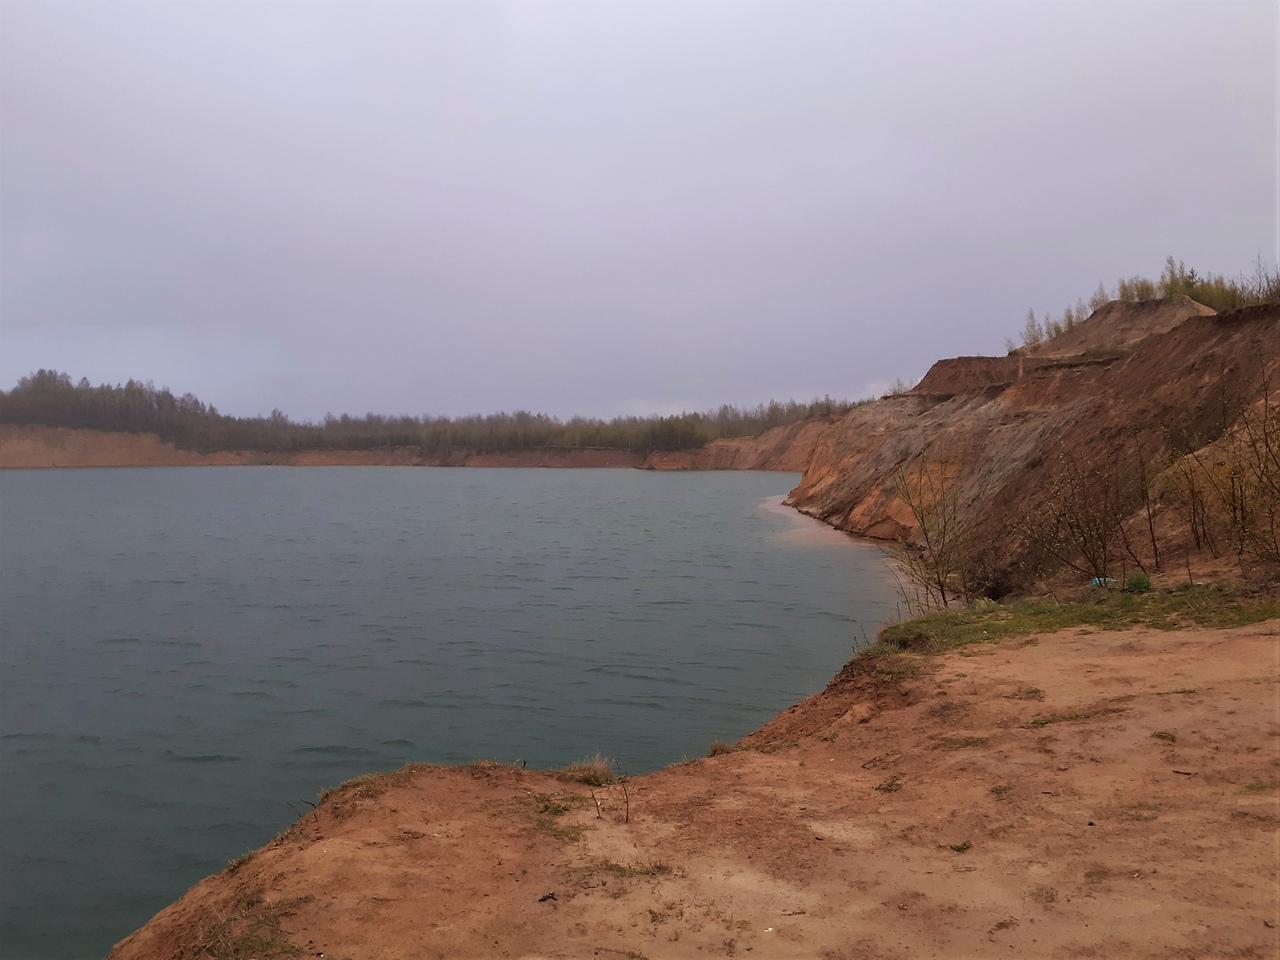 Вечер в Кузьмолово. Карьеры в лесу. Еще одно озеро с изумрудной водой и горными пейзажами.